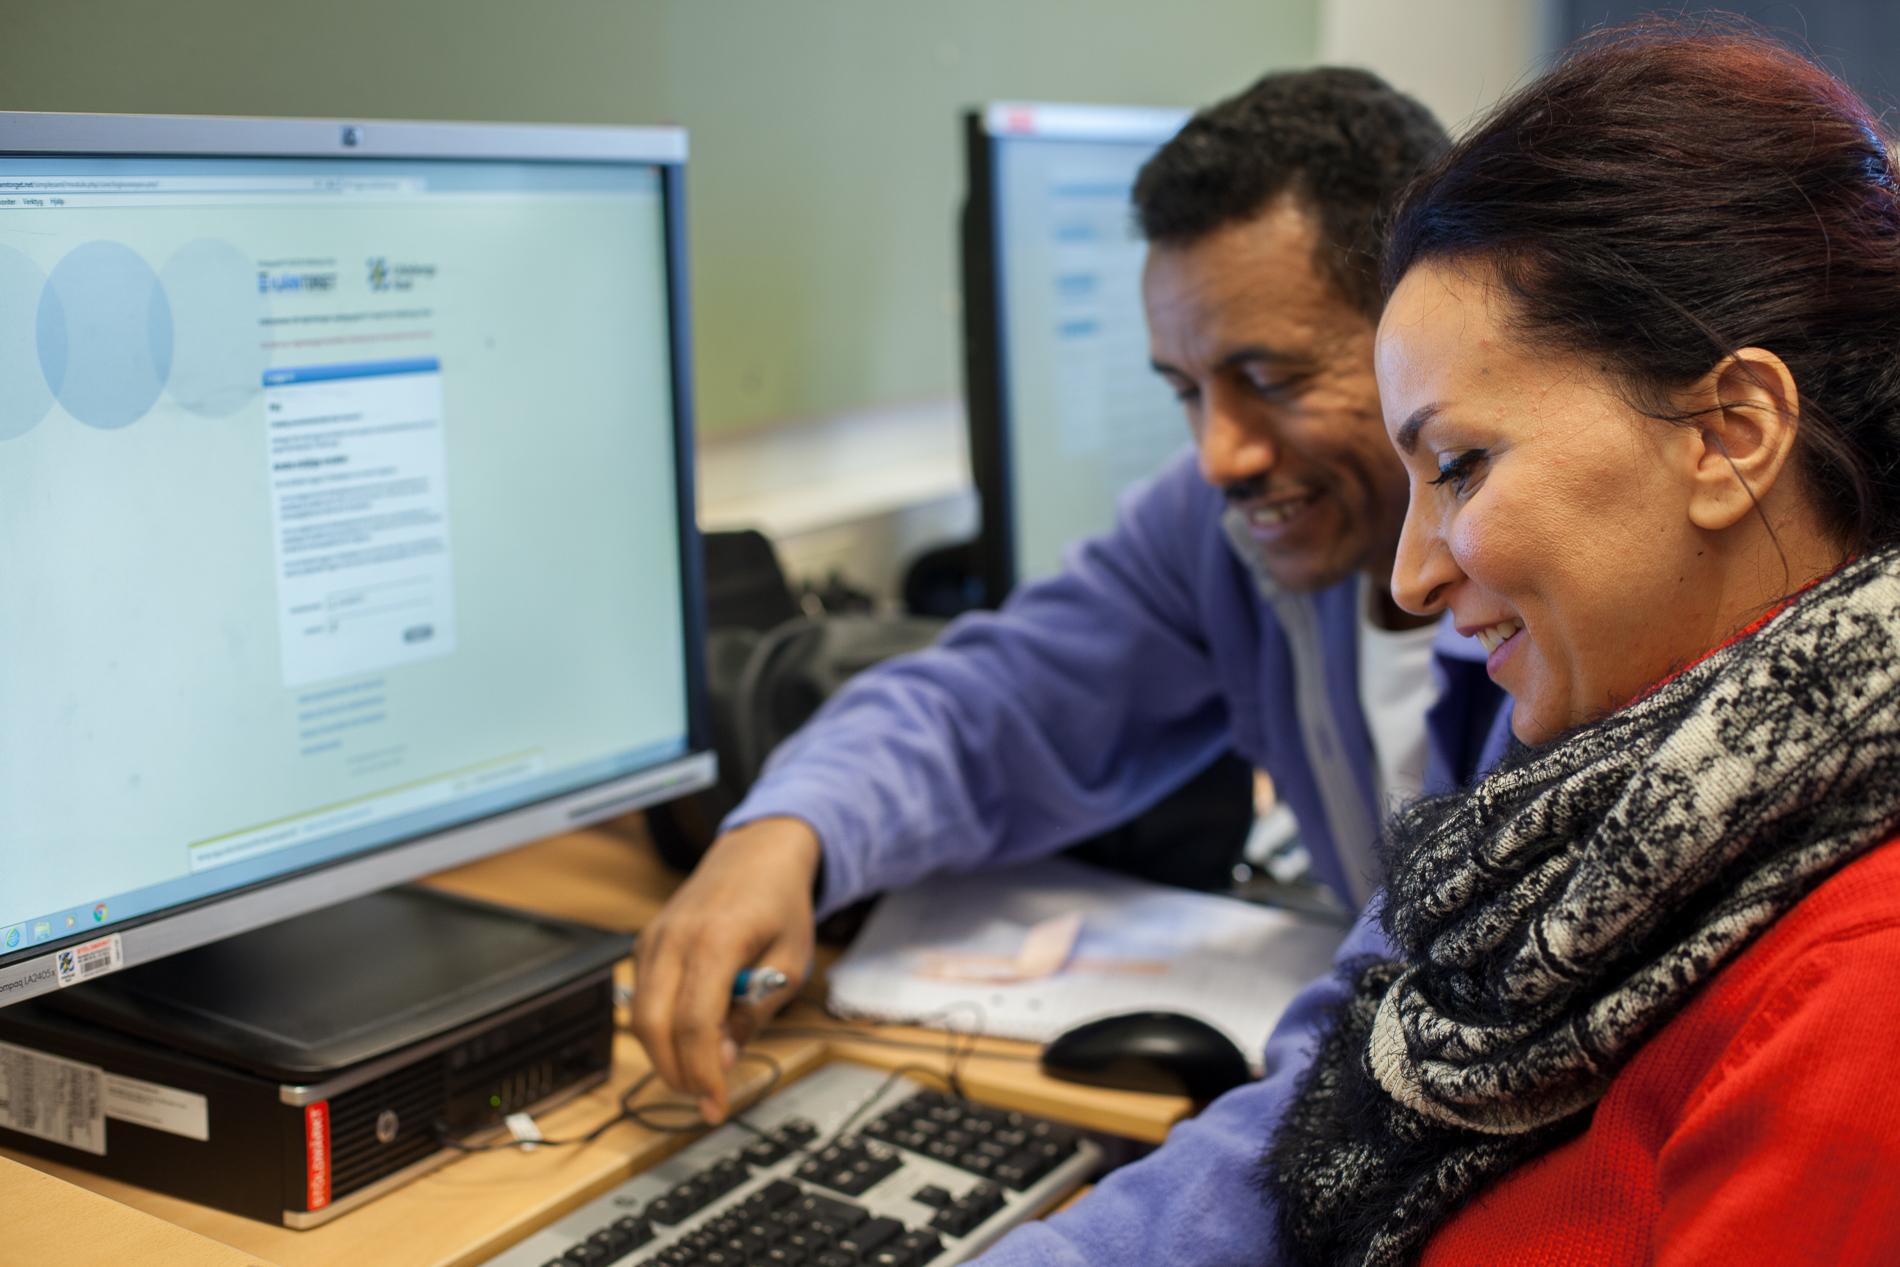 Två elever sitter framför en dator.